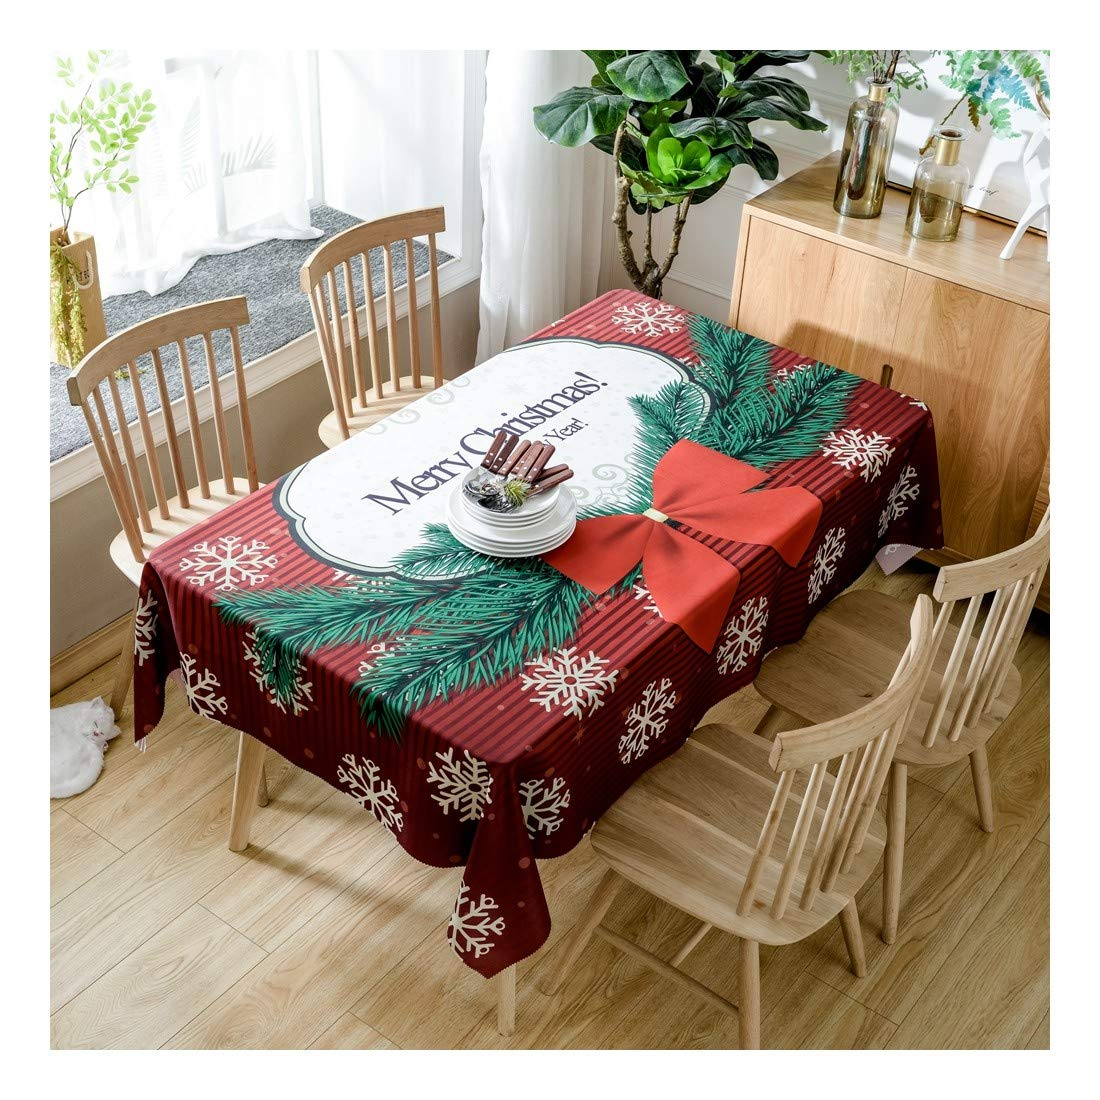 ZHAOXIANGXIANG Tabla Lavable Mat Carta De Navidad Minimalista Elegante Patrón De Copo De Nieve Decoracion Un Mantel,140Cmtimes;280Cm